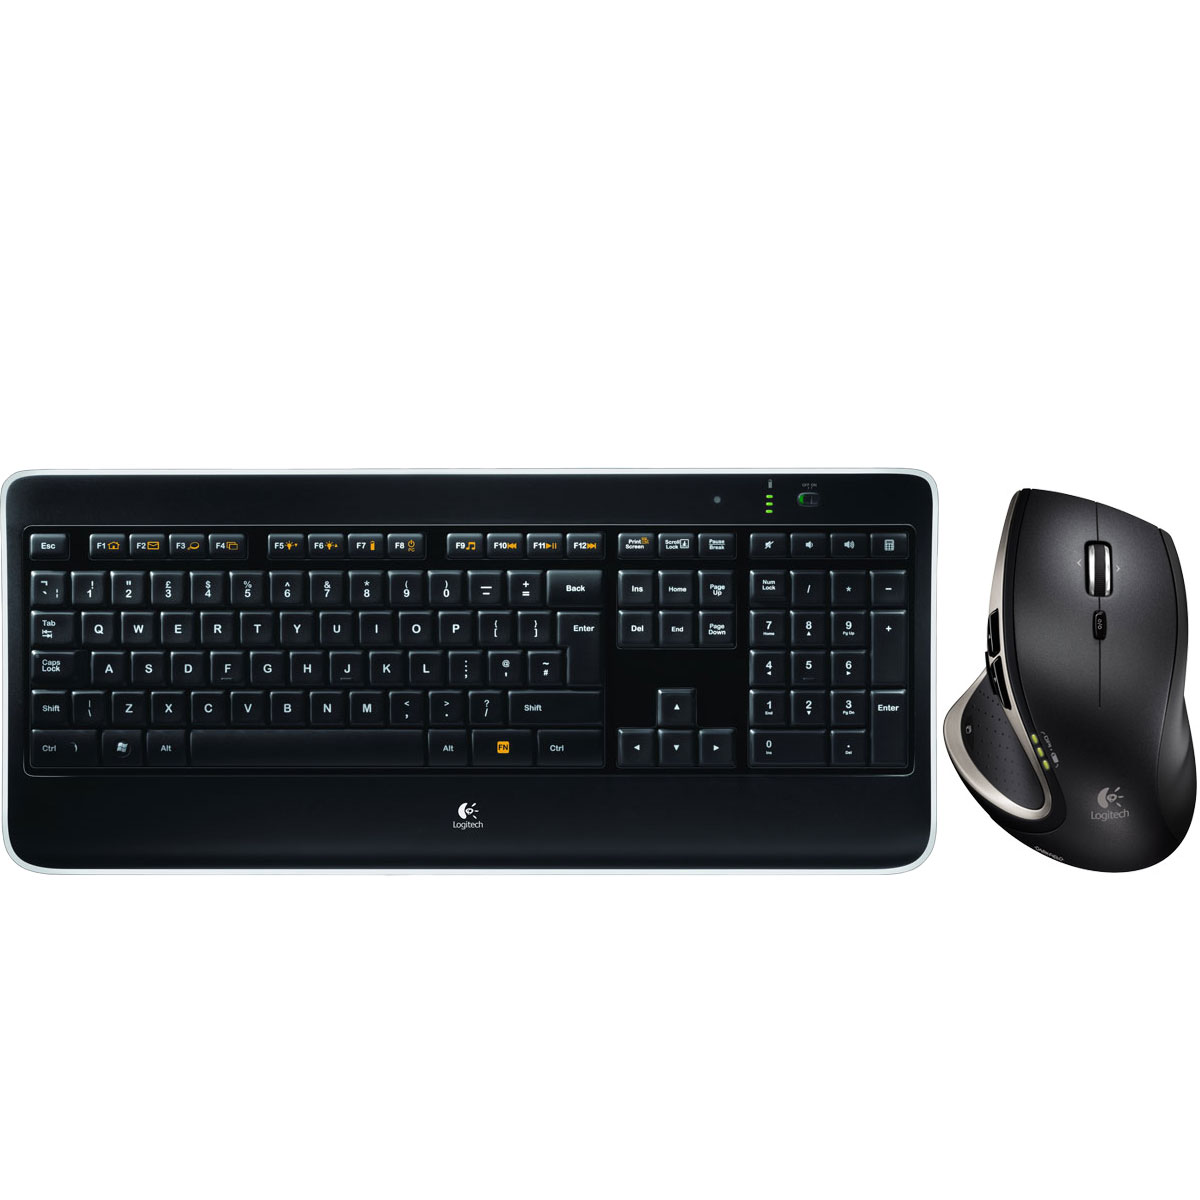 Pack clavier souris Logitech Wireless Performance Combo MX800 Ensemble sans fil souris + clavier avec rétro-éclairage (AZERTY Français)